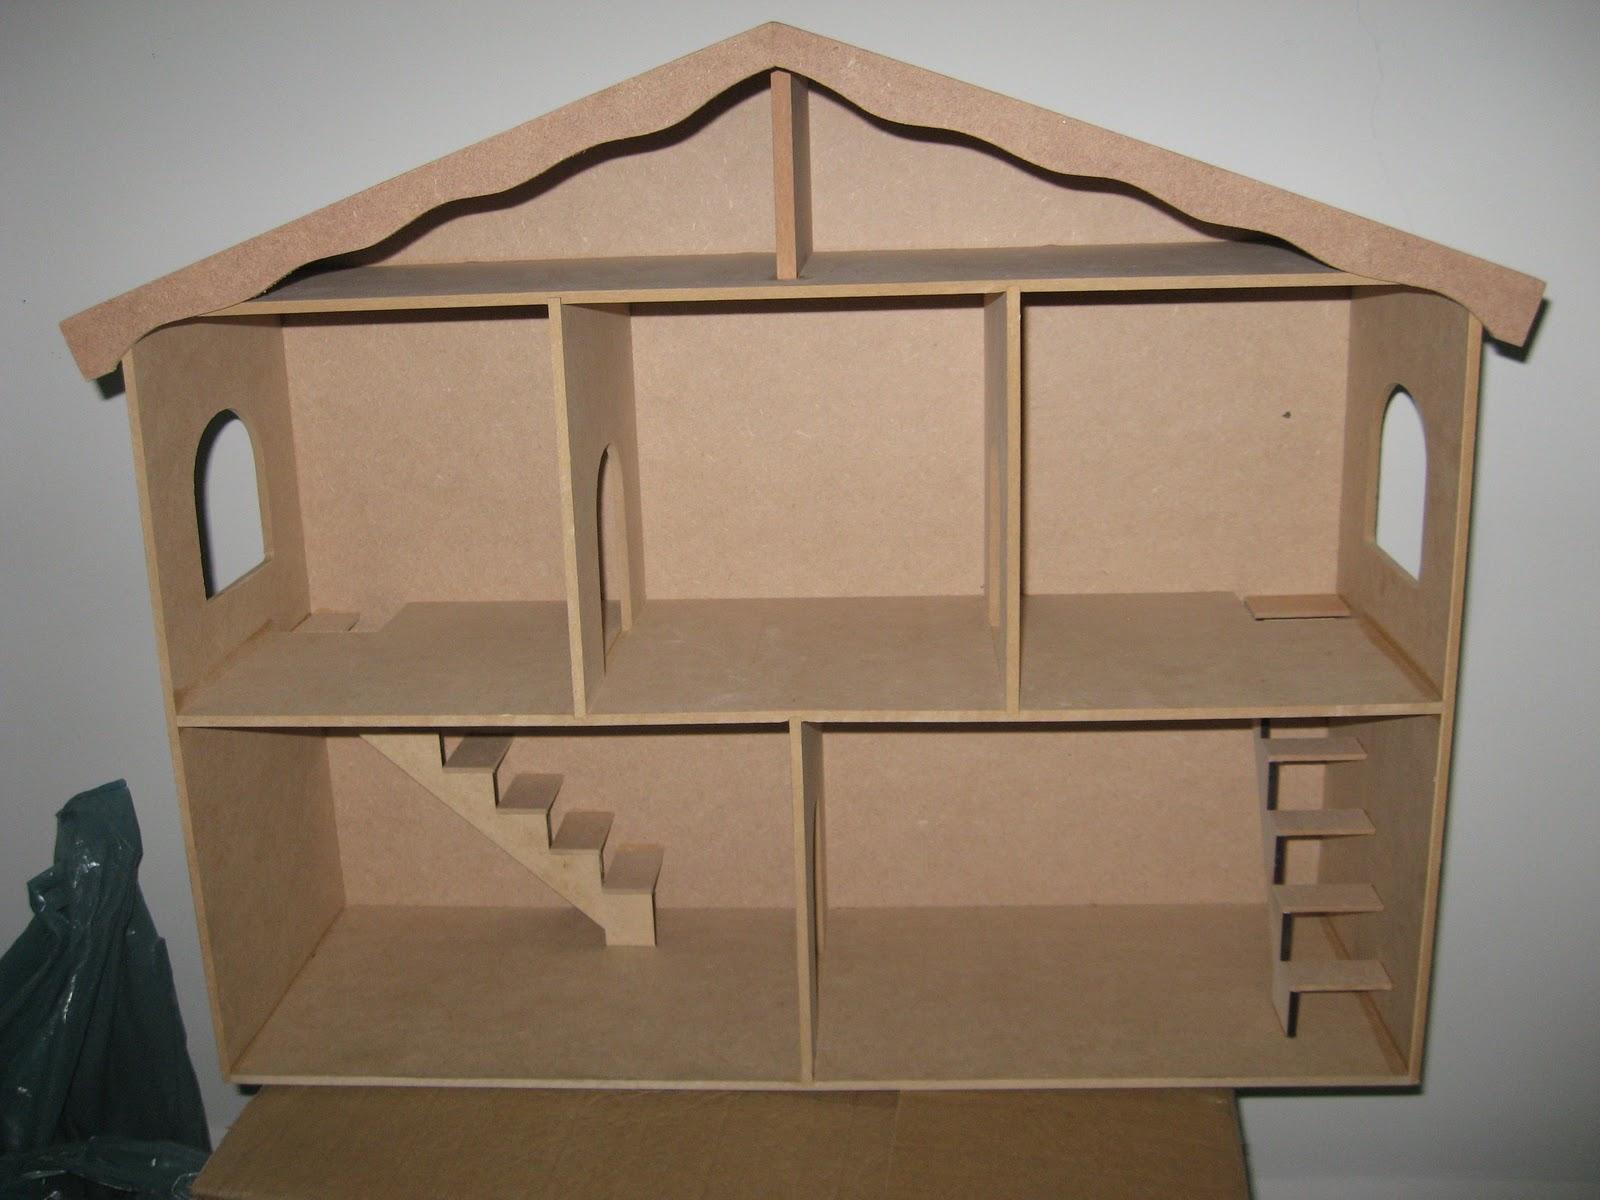 Lembranças Artesanais: Casa de bonecas relato parcial I #614B31 1600x1200